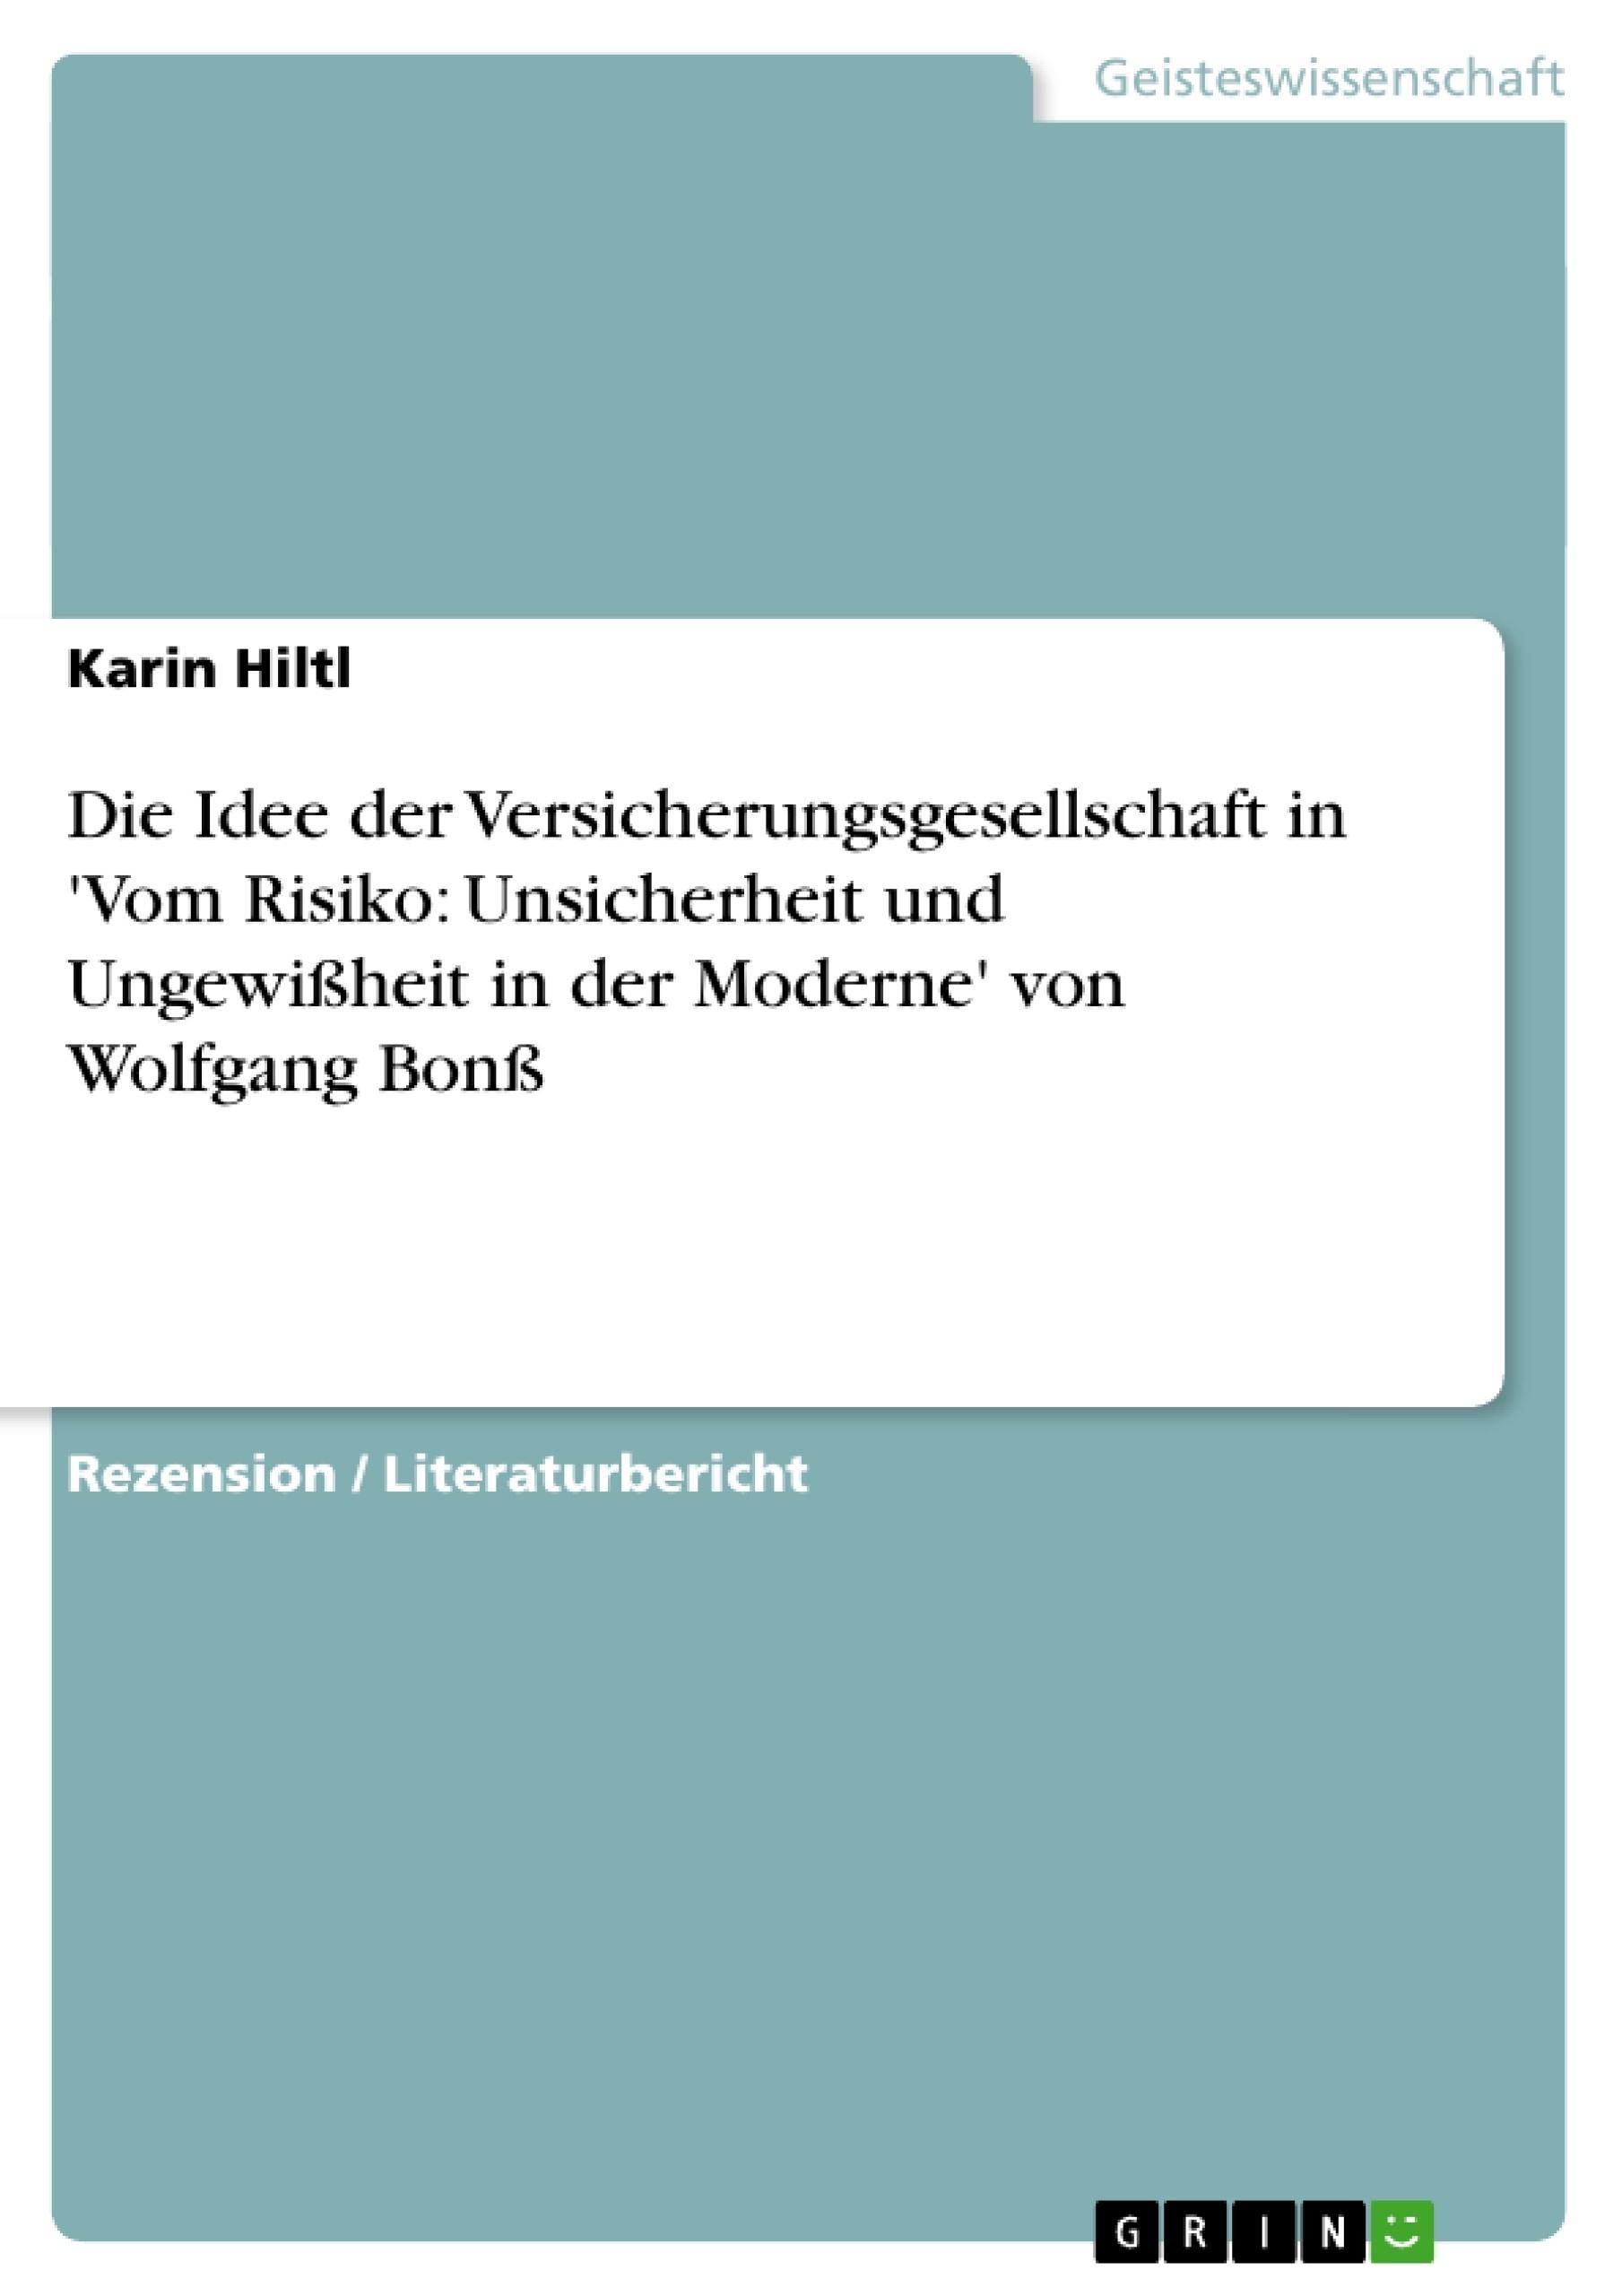 Titel: Die Idee der Versicherungsgesellschaft in 'Vom Risiko: Unsicherheit und Ungewißheit in der Moderne' von Wolfgang Bonß